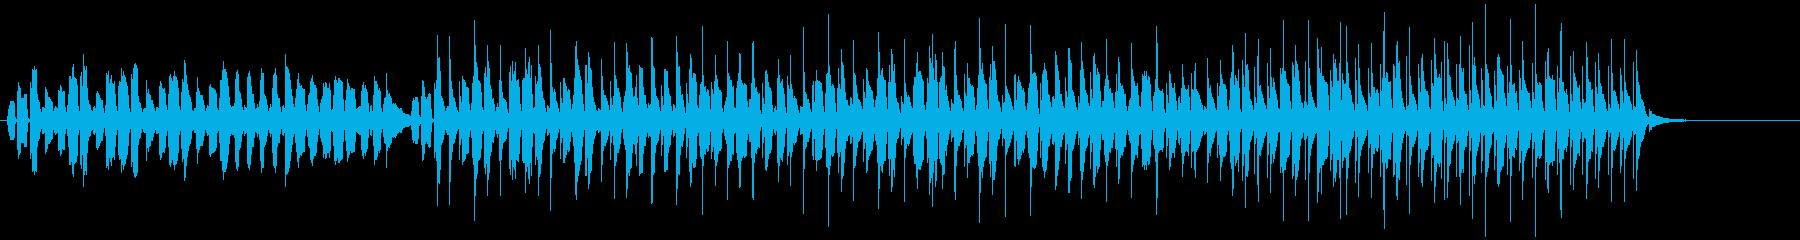 スッキプしてしまうような軽快なBGMの再生済みの波形